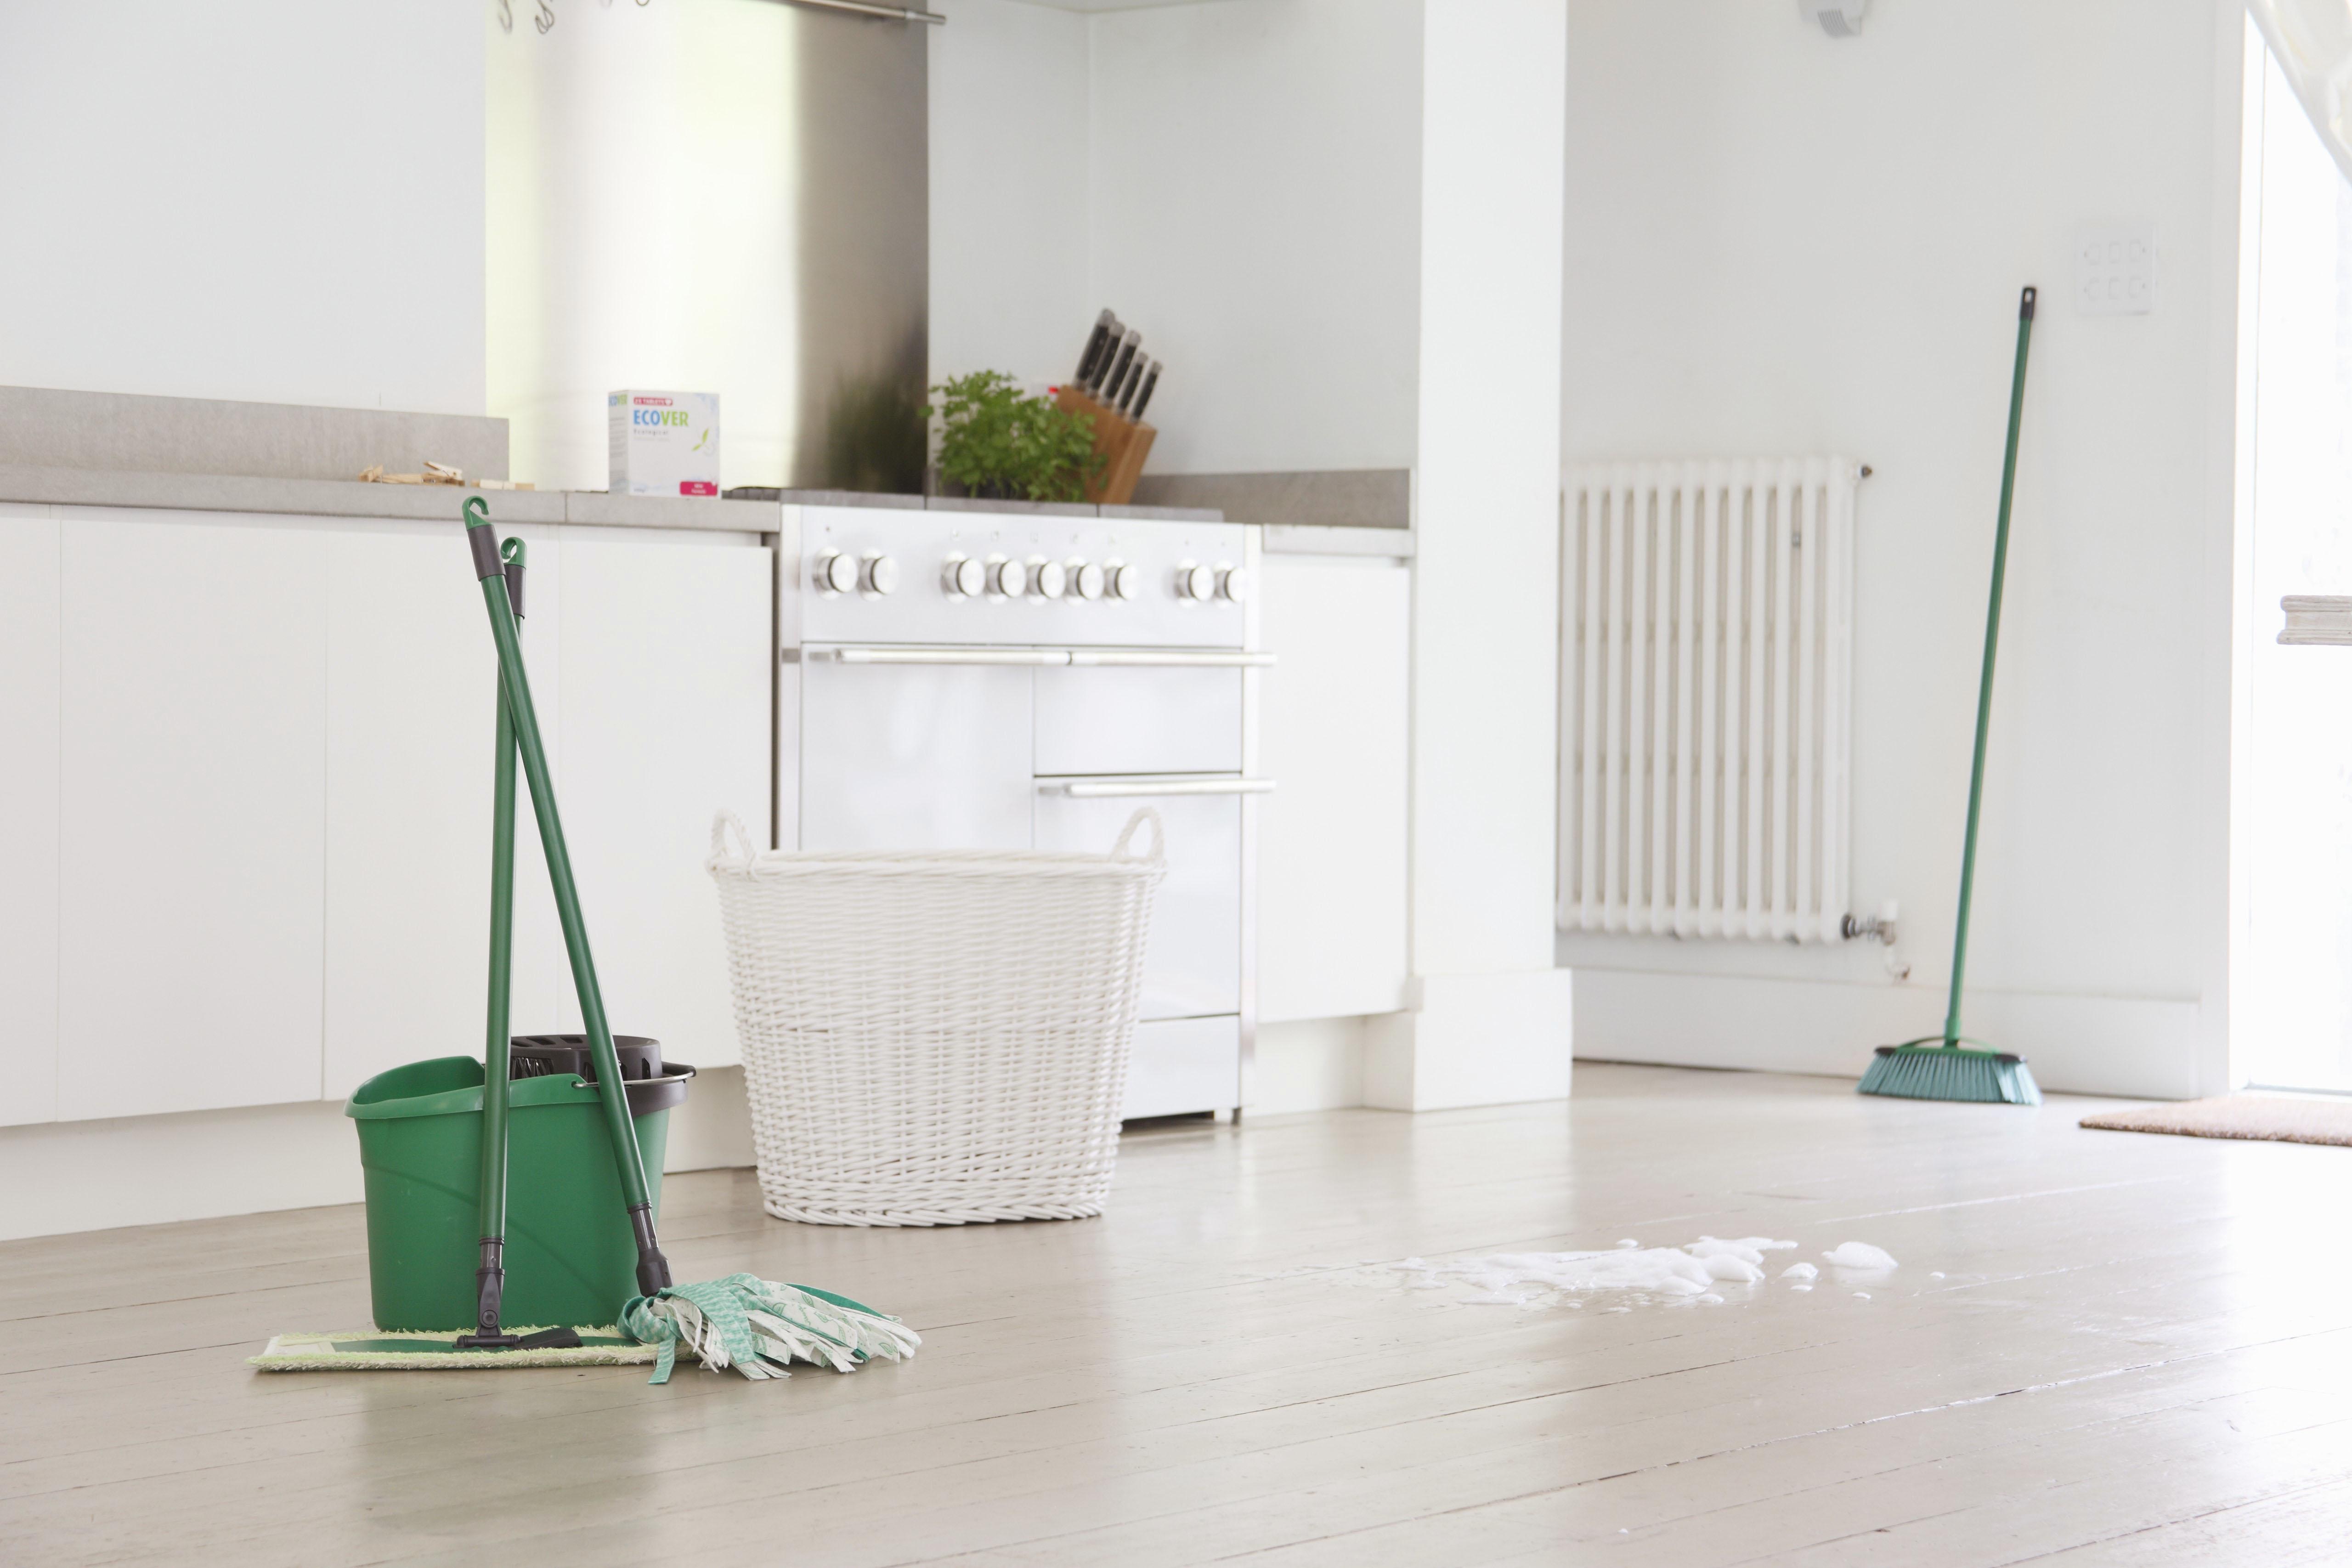 trucos de limpieza - westwing magazine 1